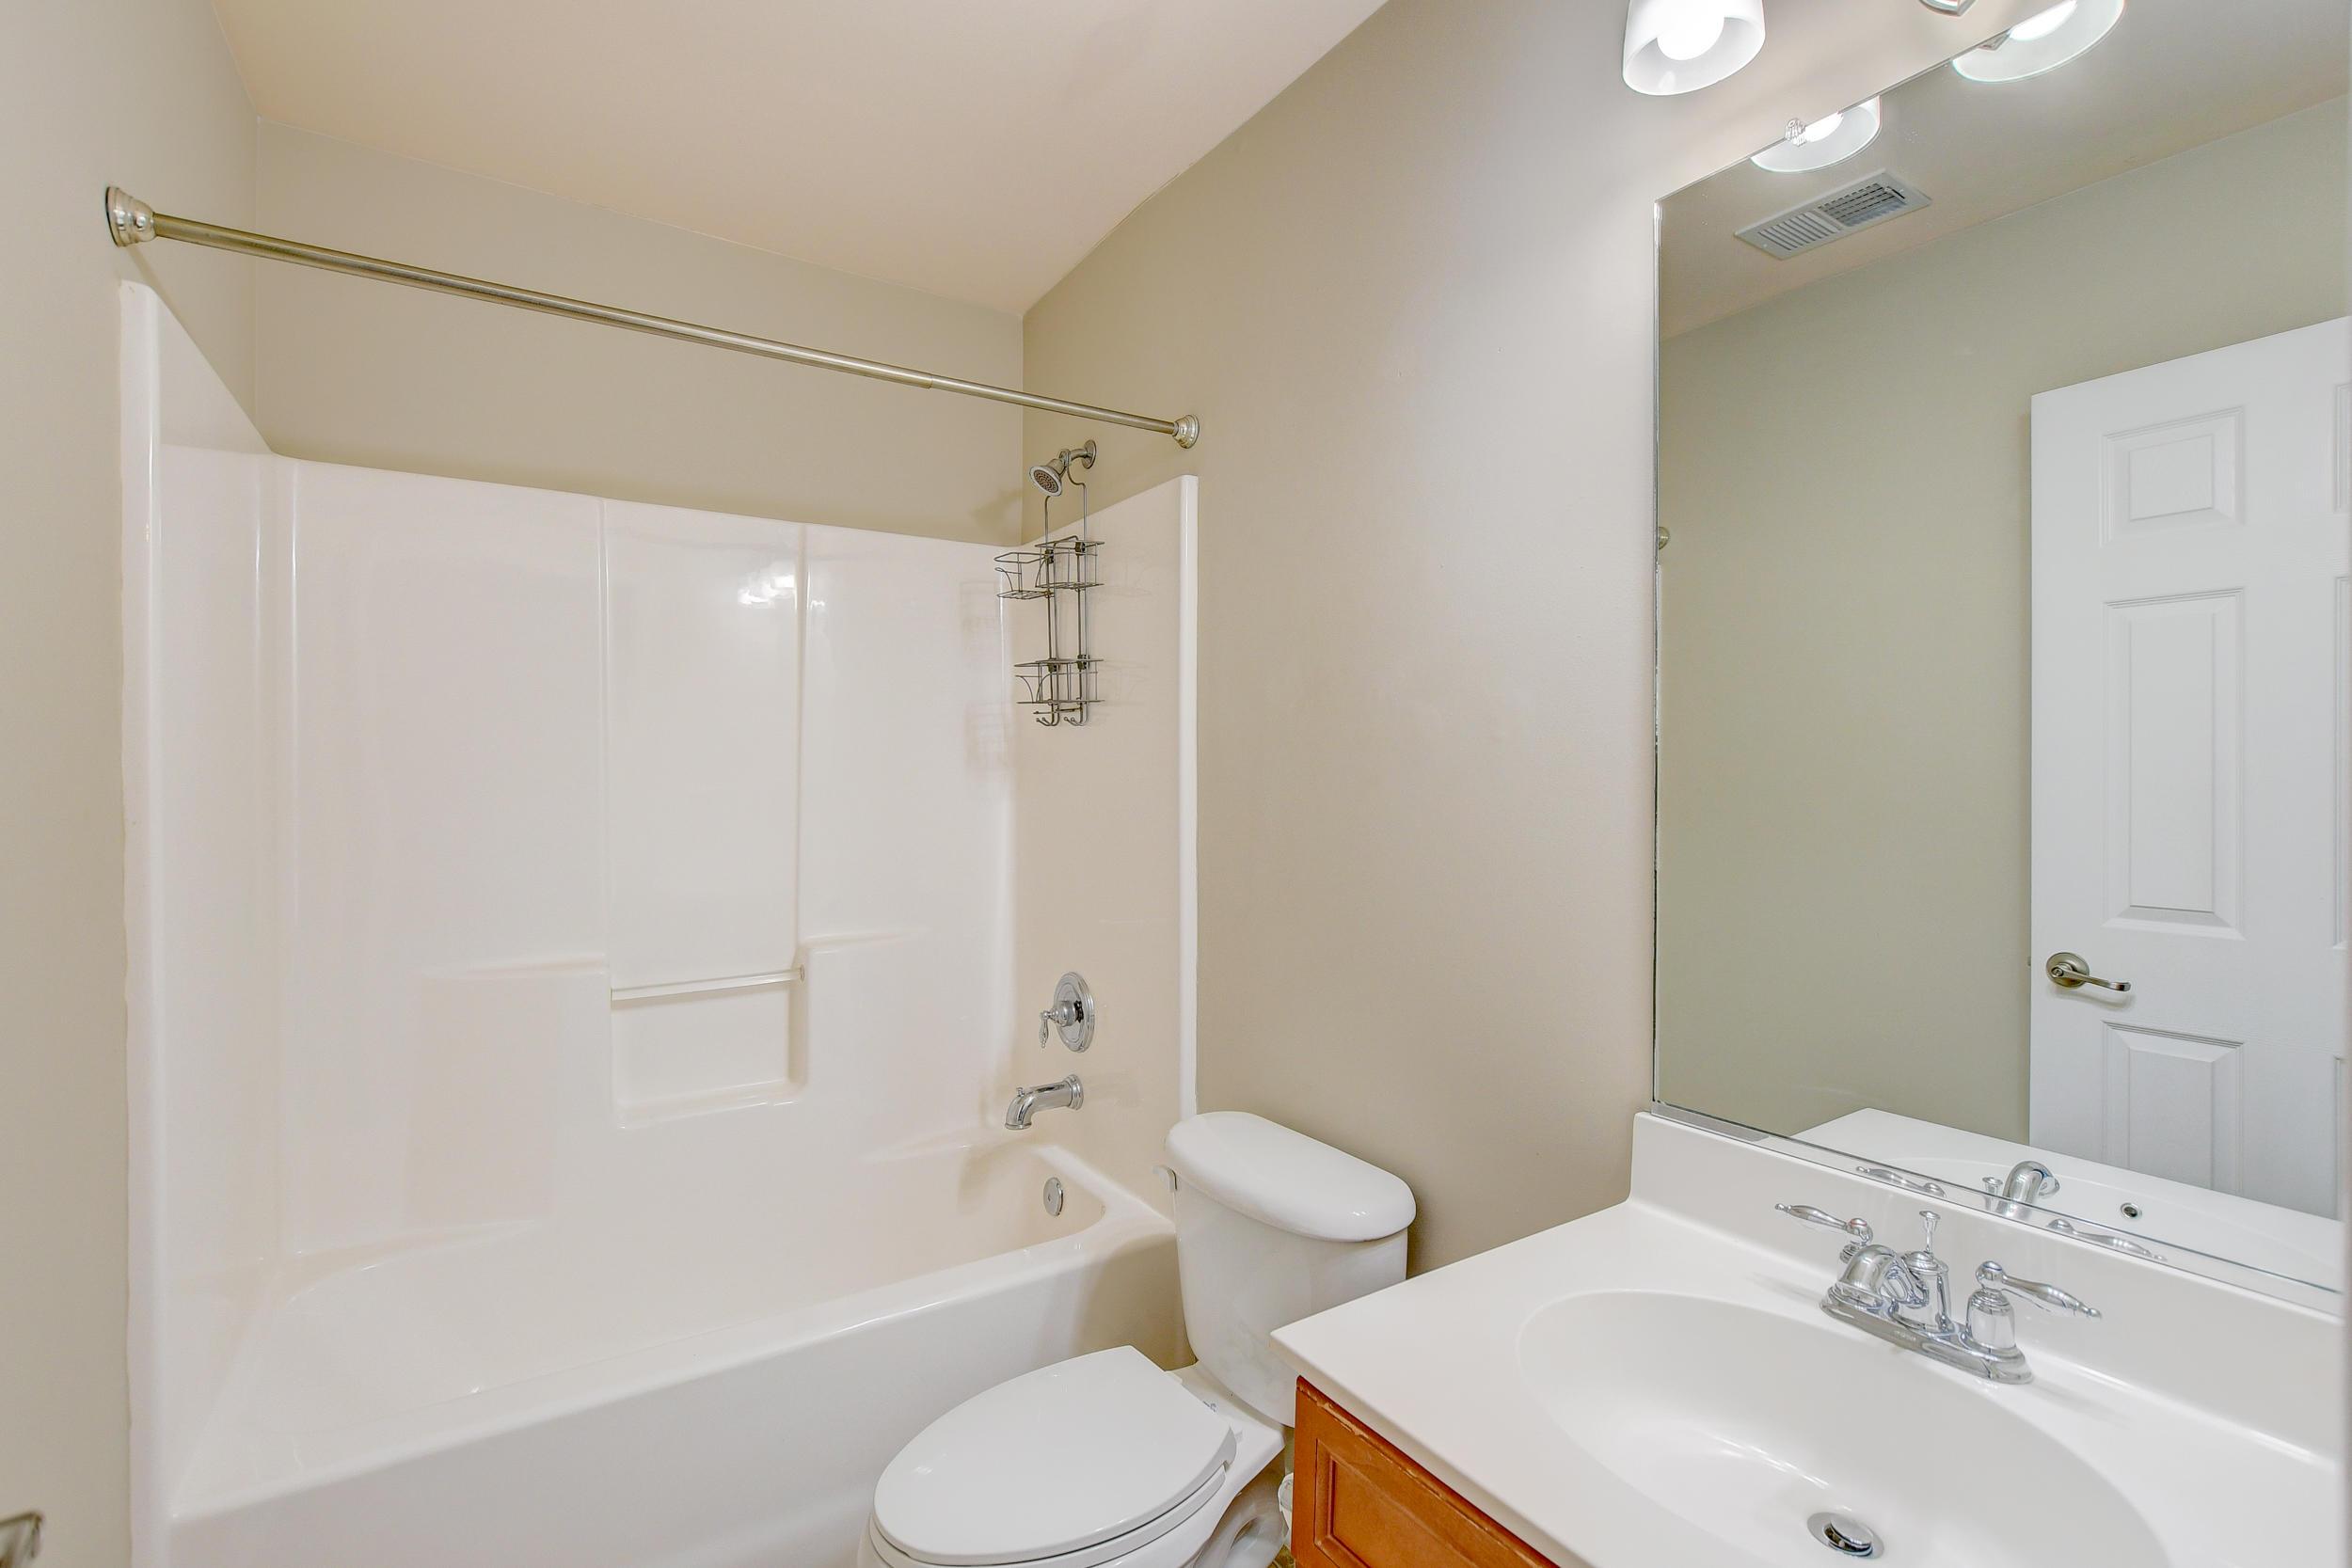 Park West Homes For Sale - 3545 Claremont, Mount Pleasant, SC - 21